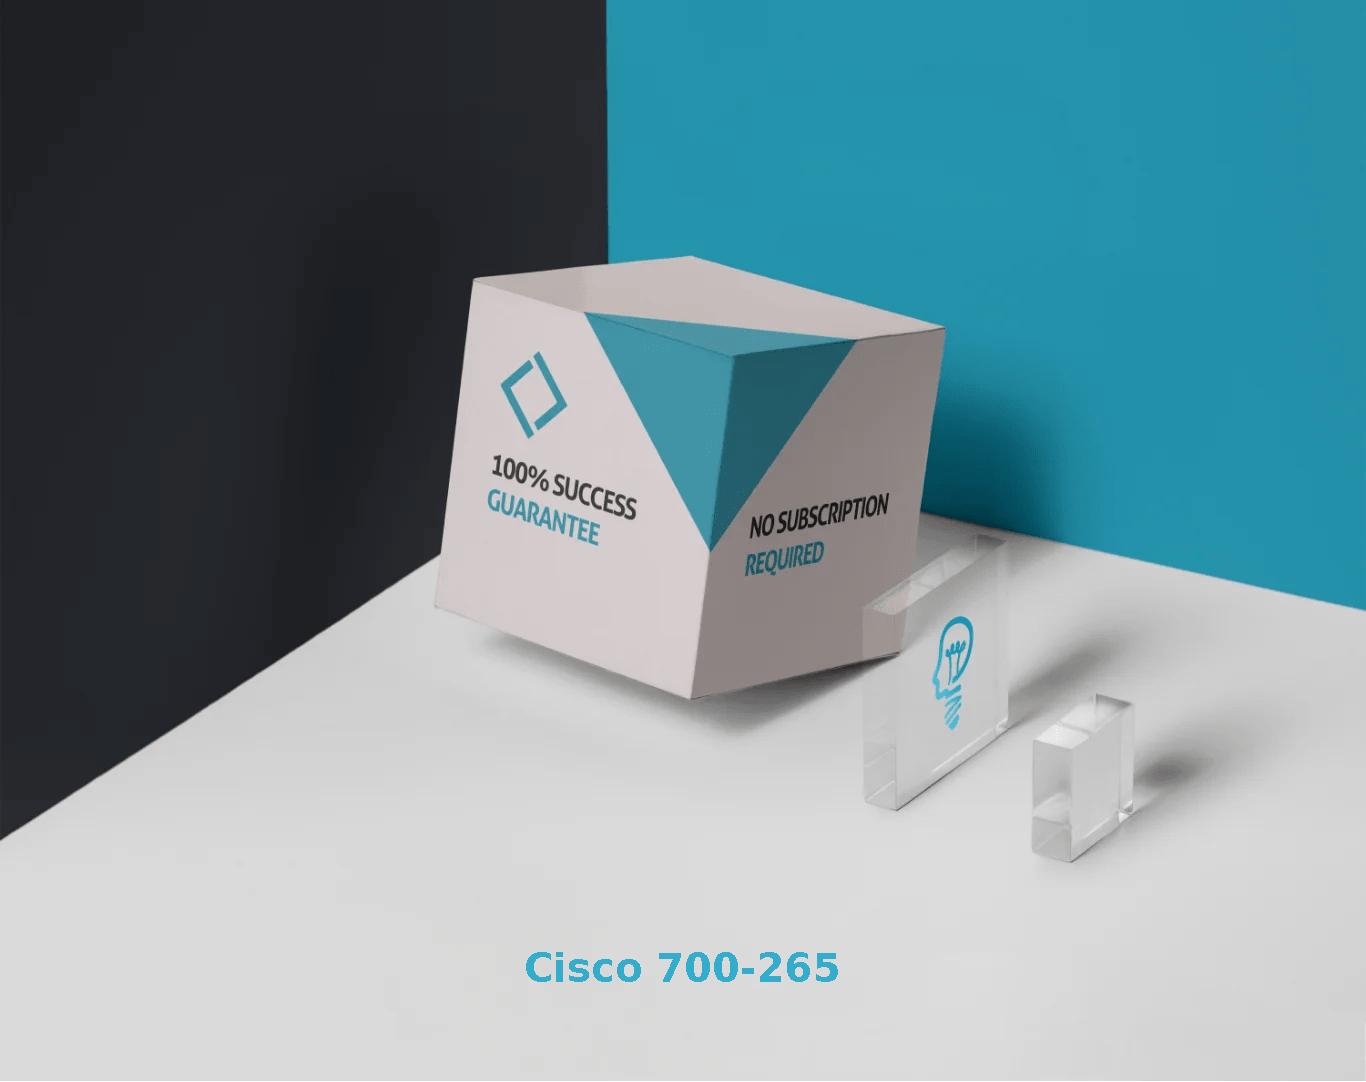 Cisco 700-265 Exams